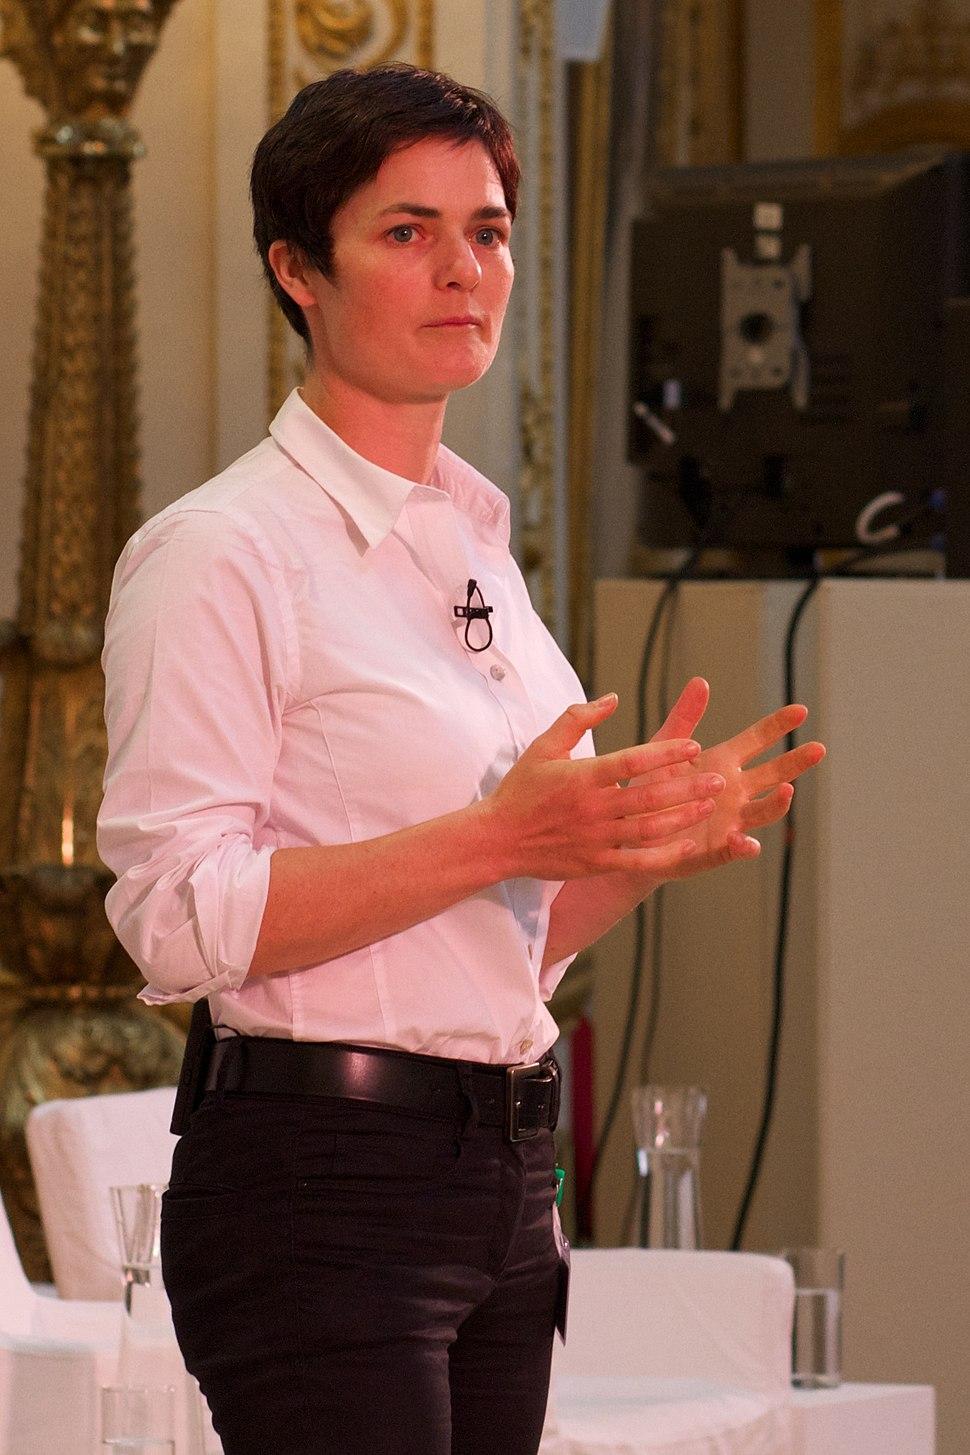 Ellen MacArthur in 2010